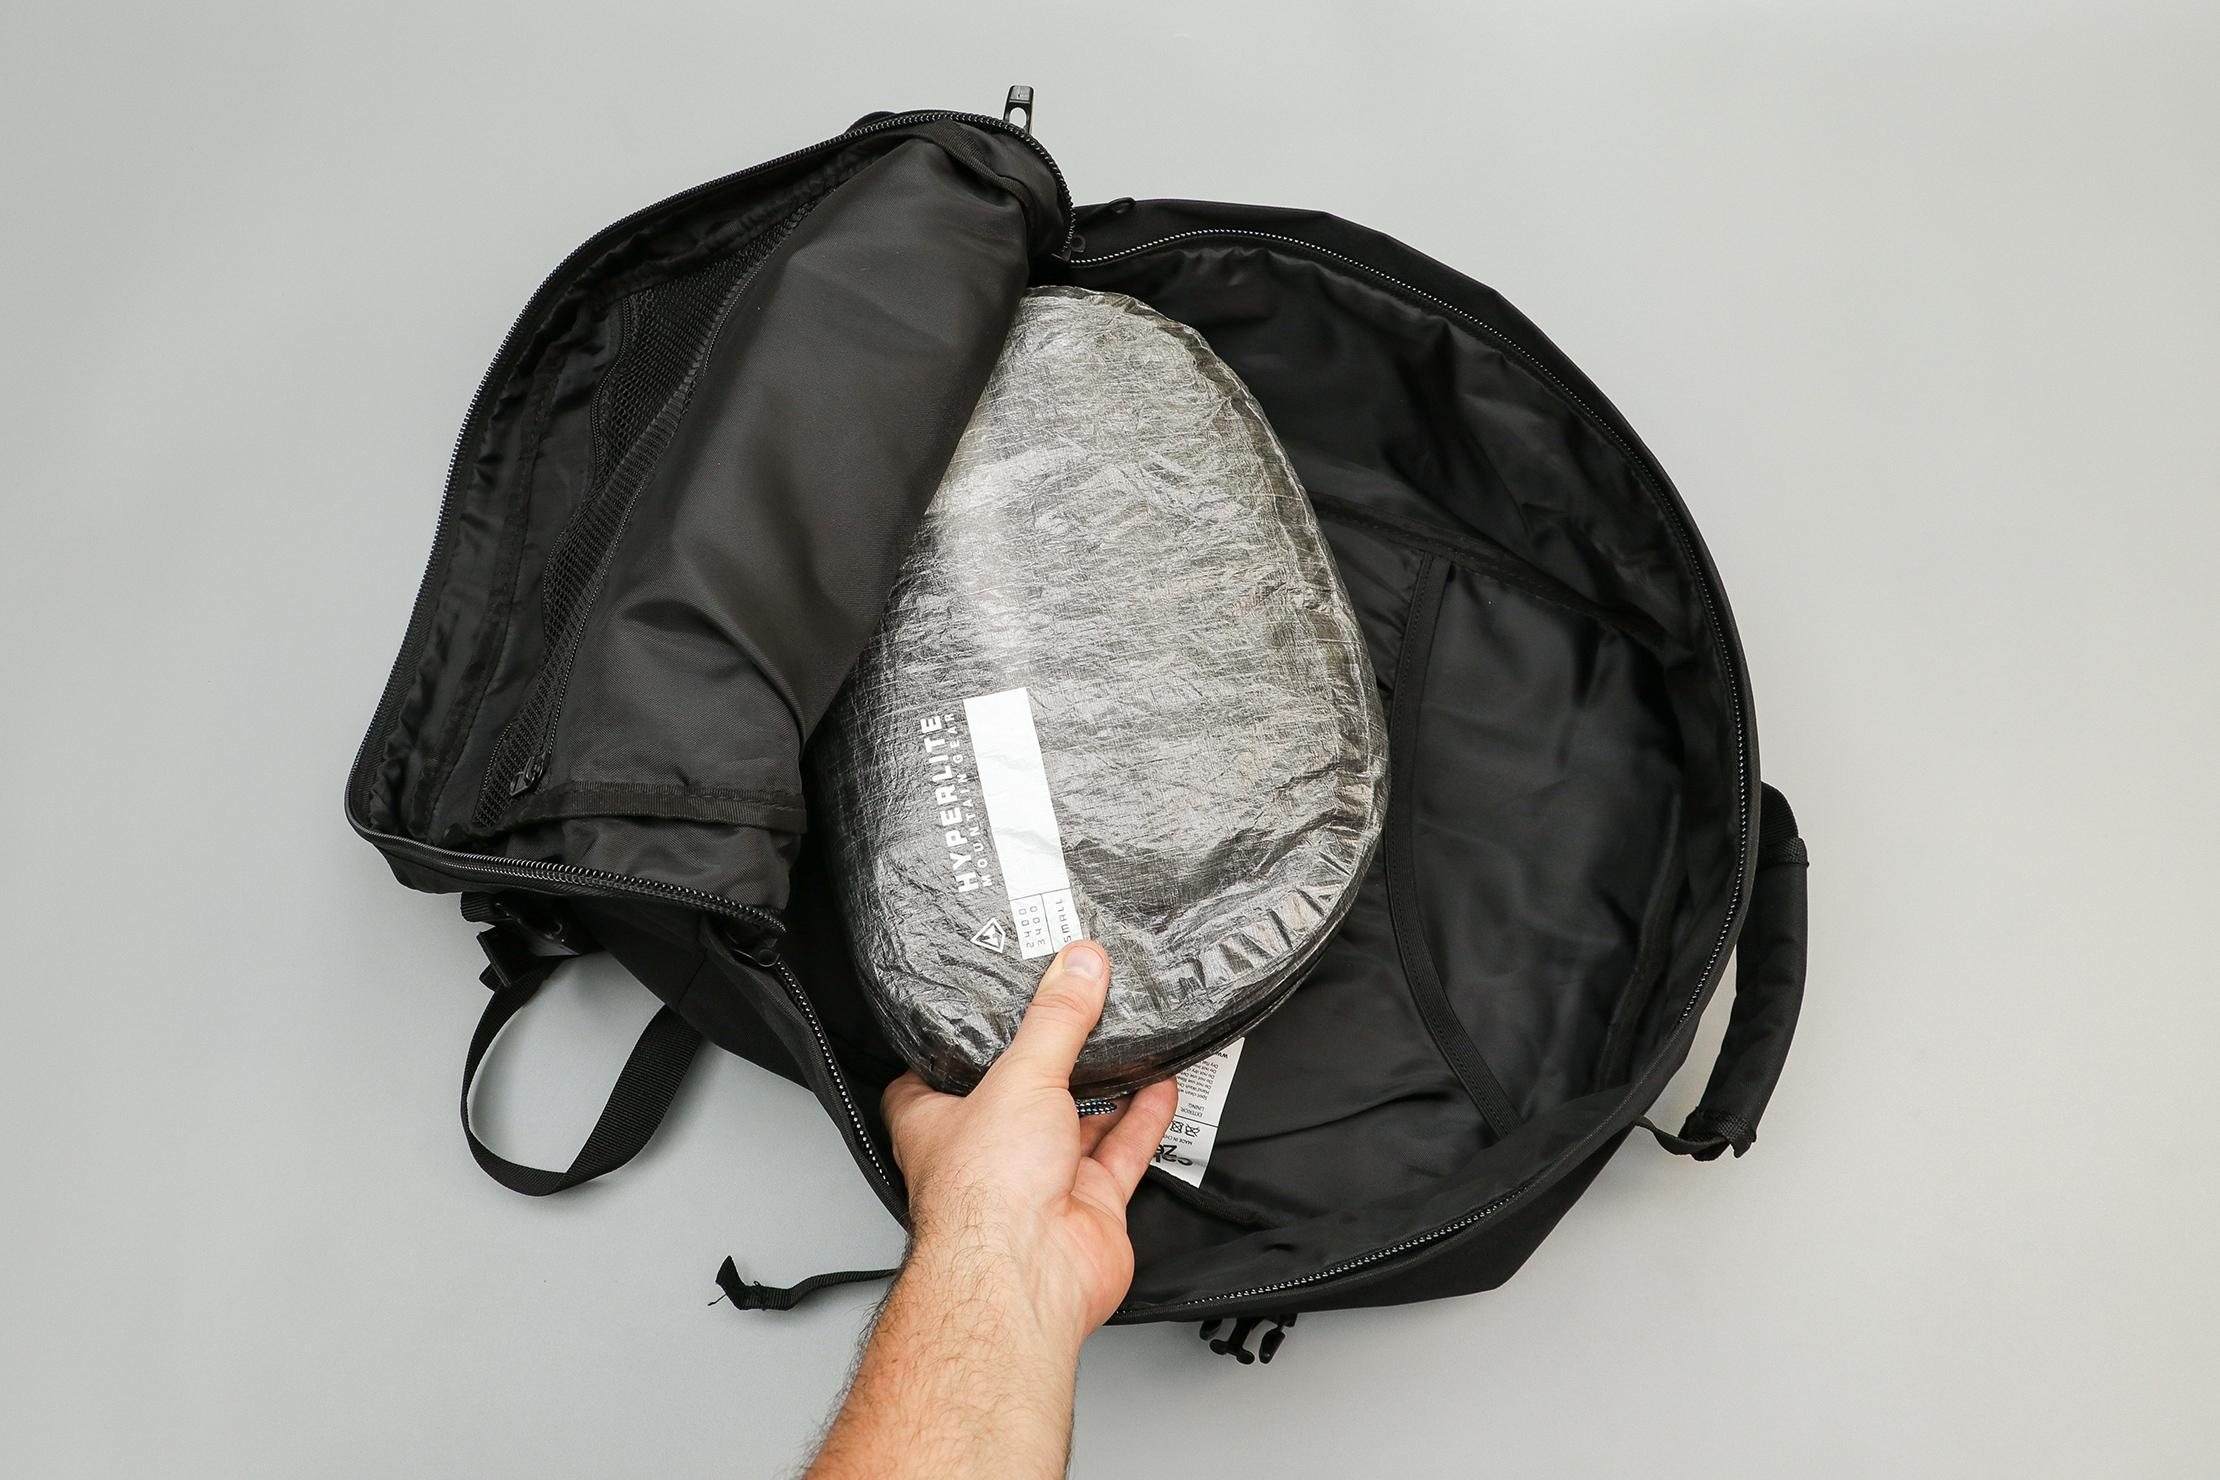 Packing A Hyperlite Mountain Gear Pod